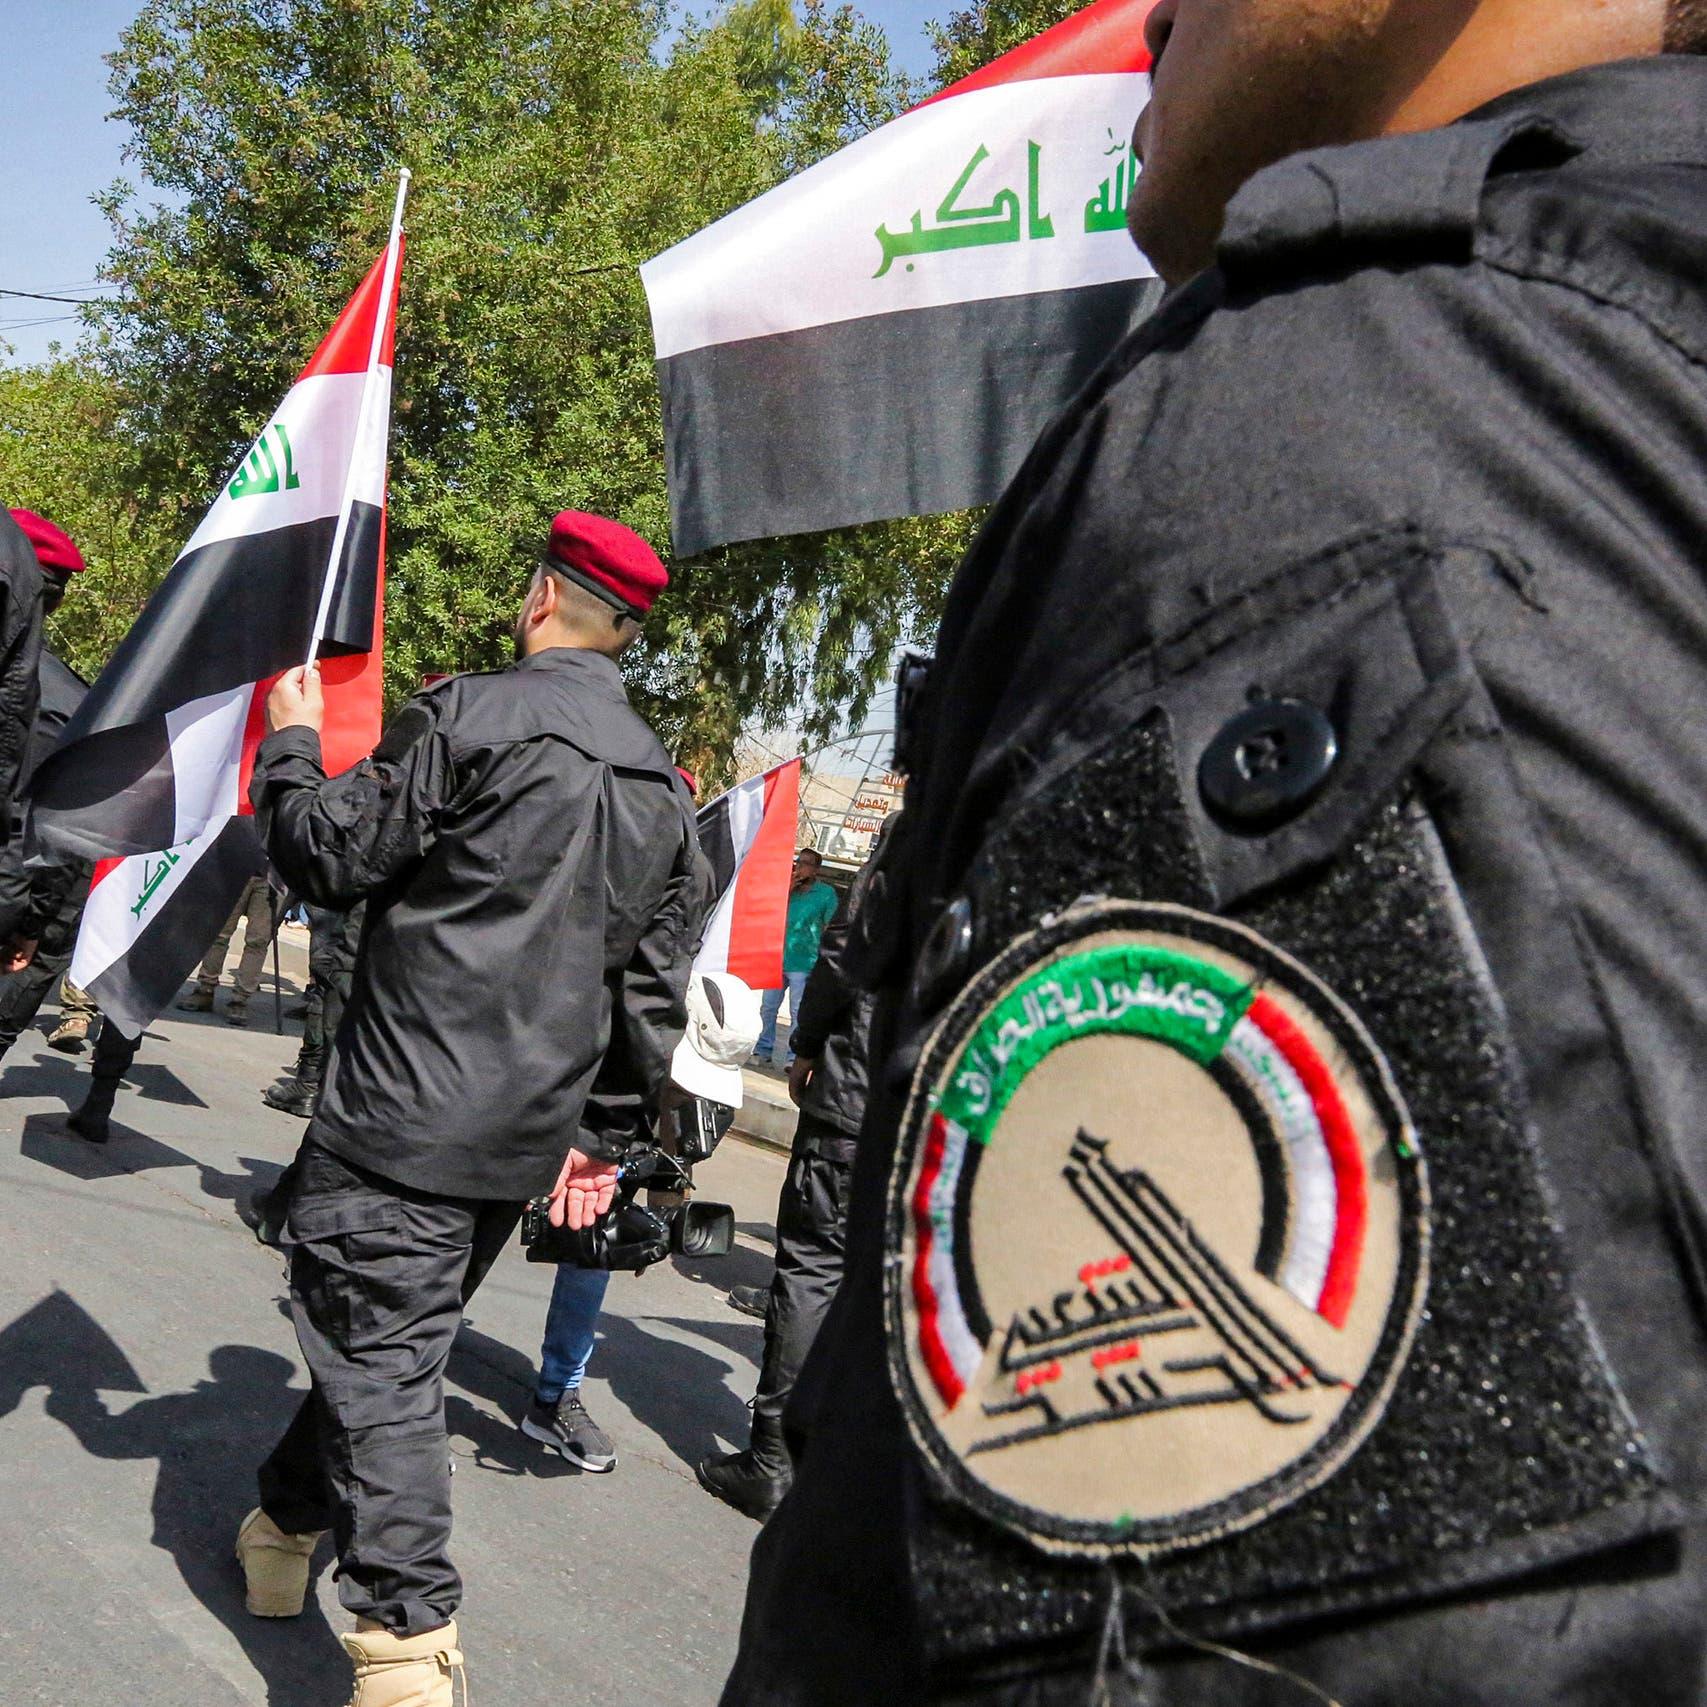 بايدن يختار الرد على كل هجمات ميليشيات إيران حتى غير المميتة